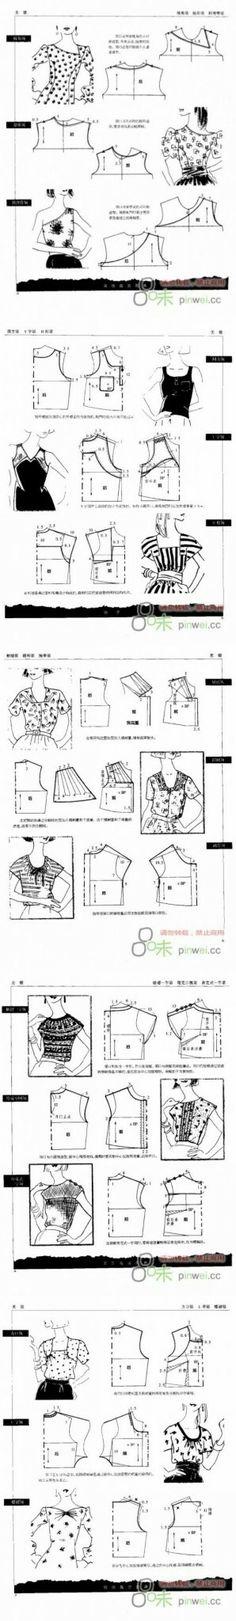 Collar modeling schemes...<3 Deniz <3